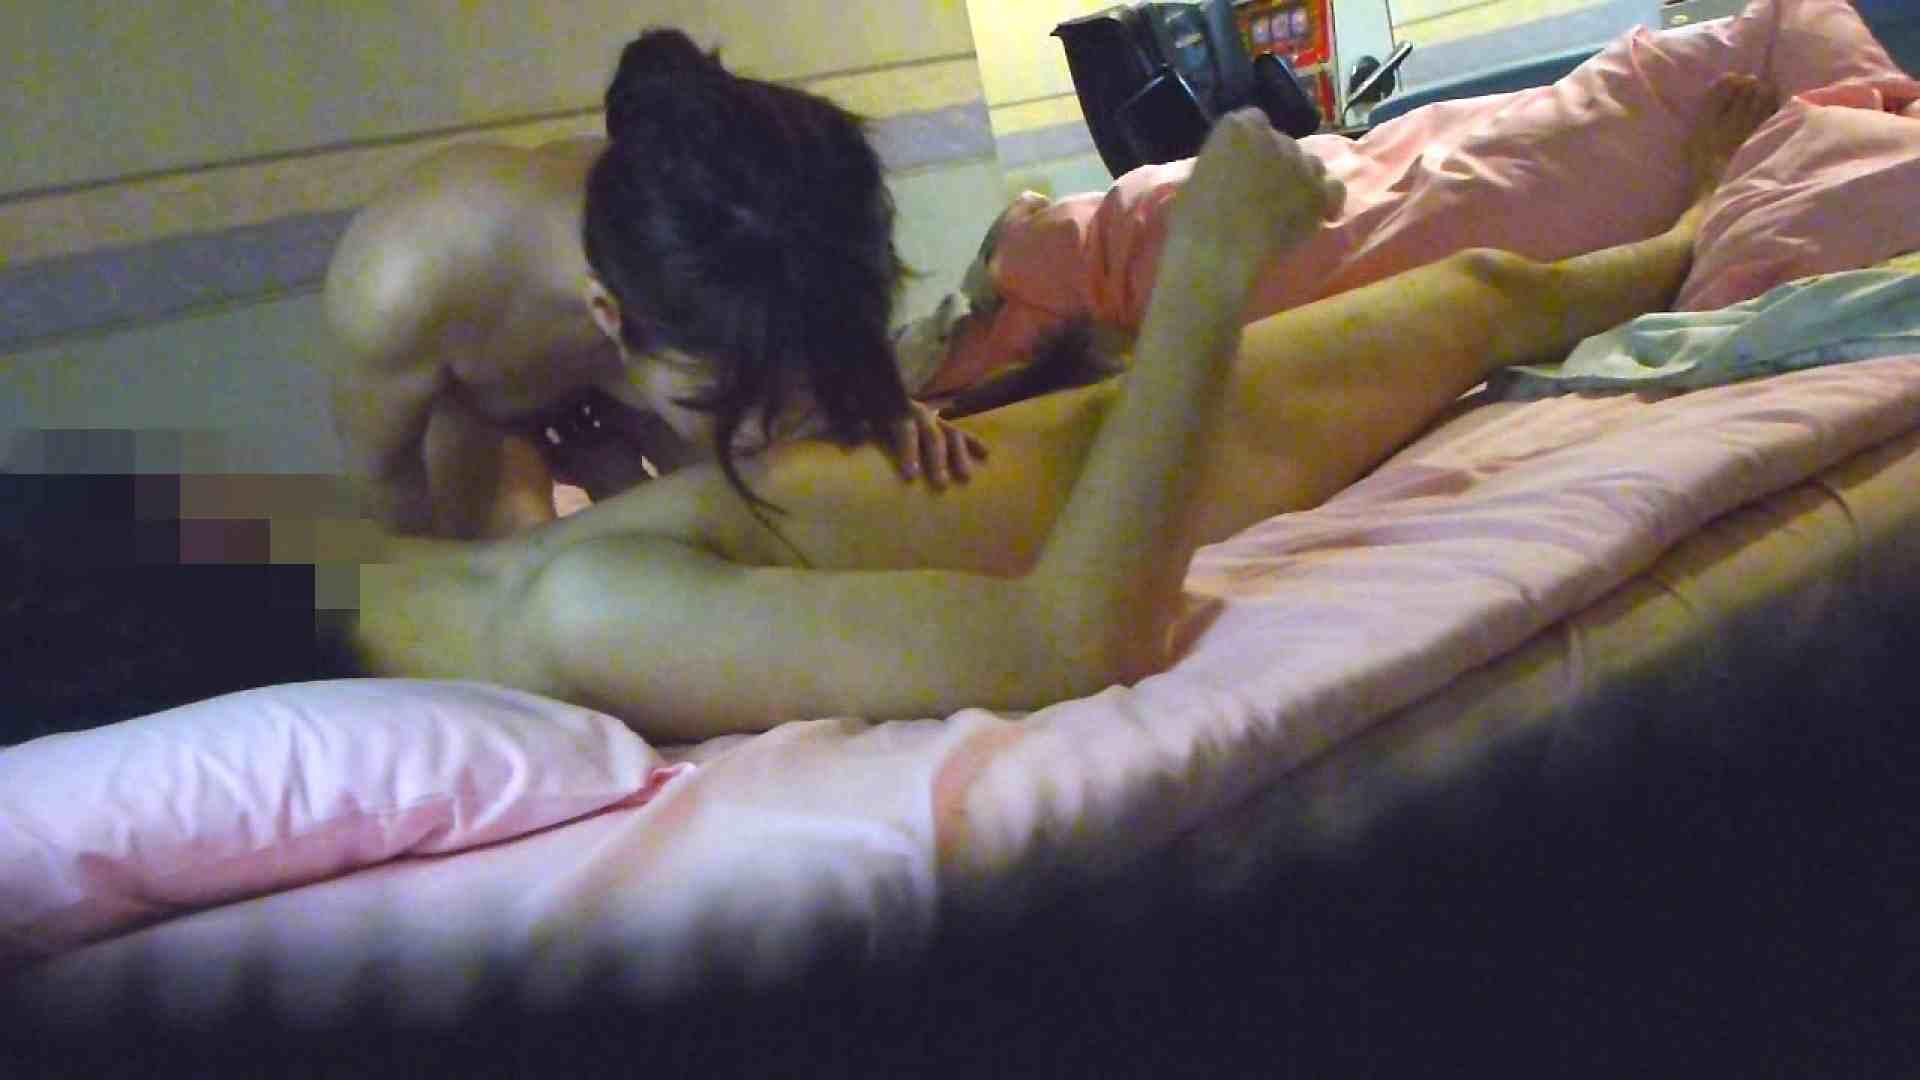 【完全素人投稿】誰にしようか!?やりチン健太の本日もデリ嬢いただきま~す!!11 投稿 | 素人達のヌード  38連発 7